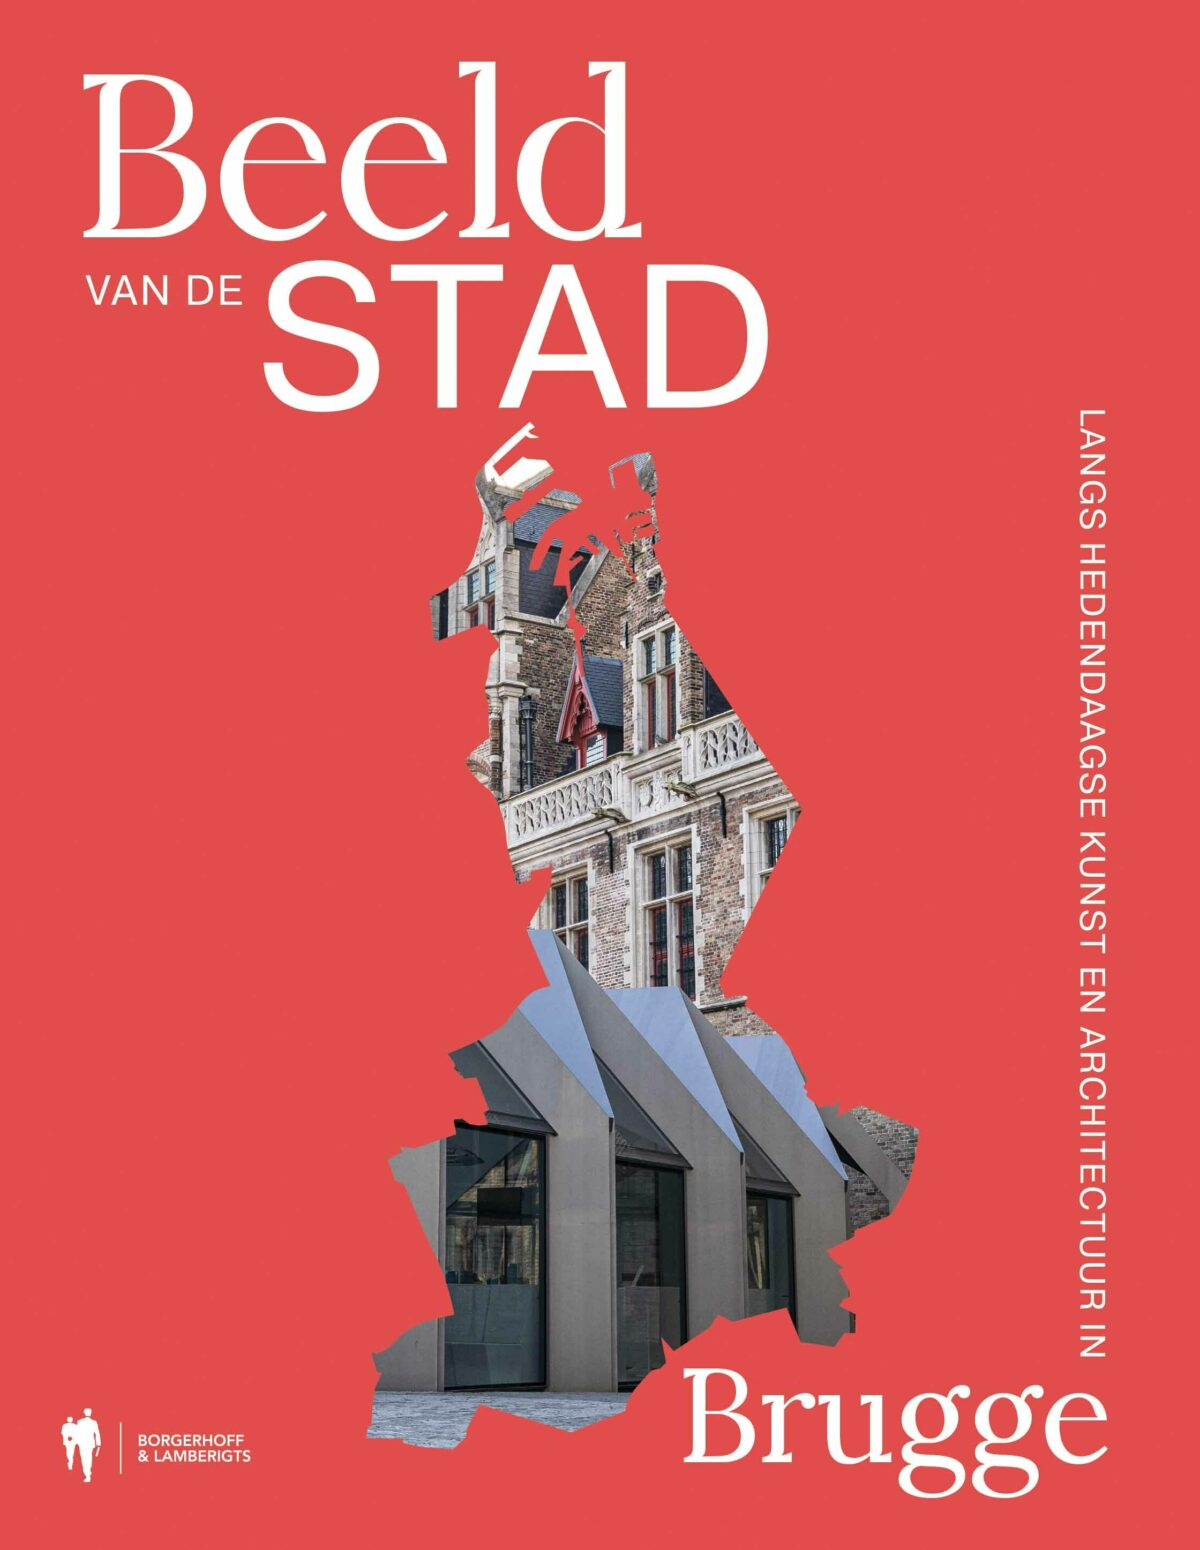 BEELD VAN DE STAD_FULL2.indd